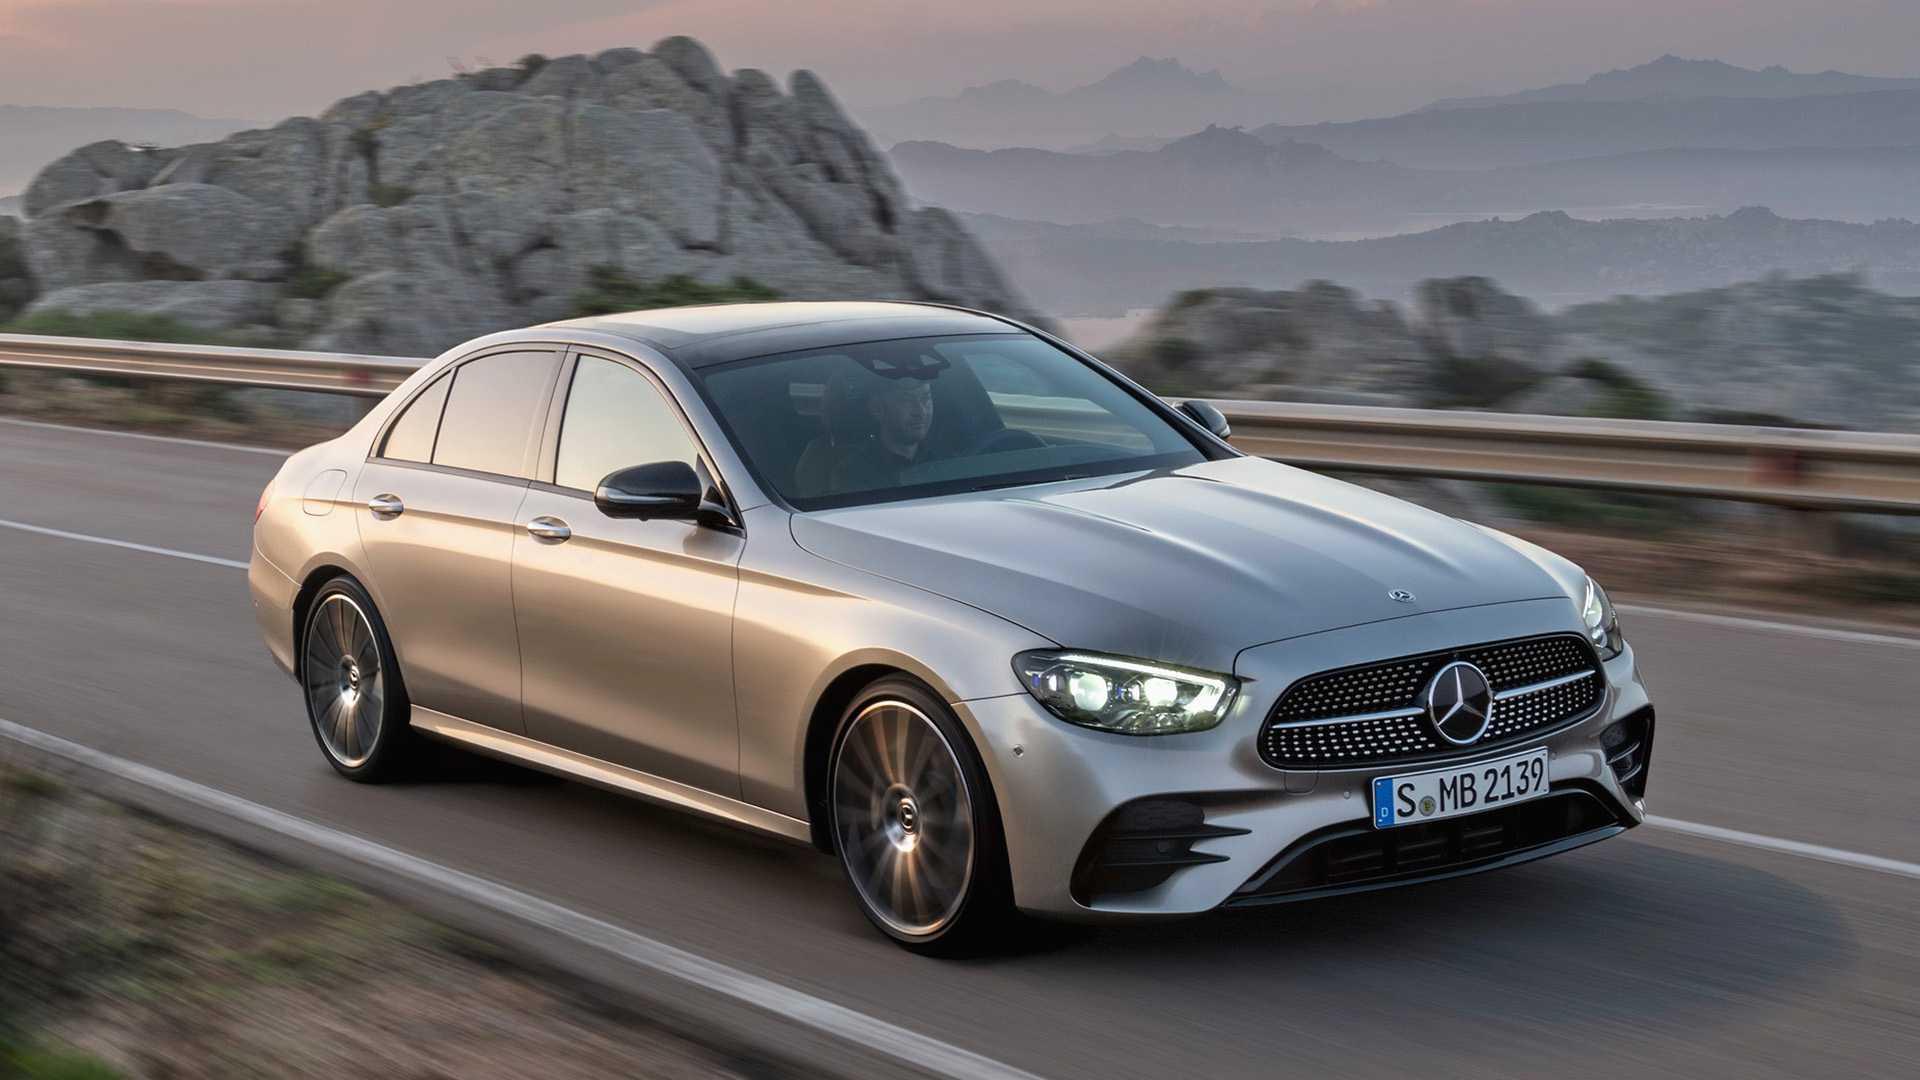 Todo esto le pusieron a la nueva Clase E de Mercedes-Benz